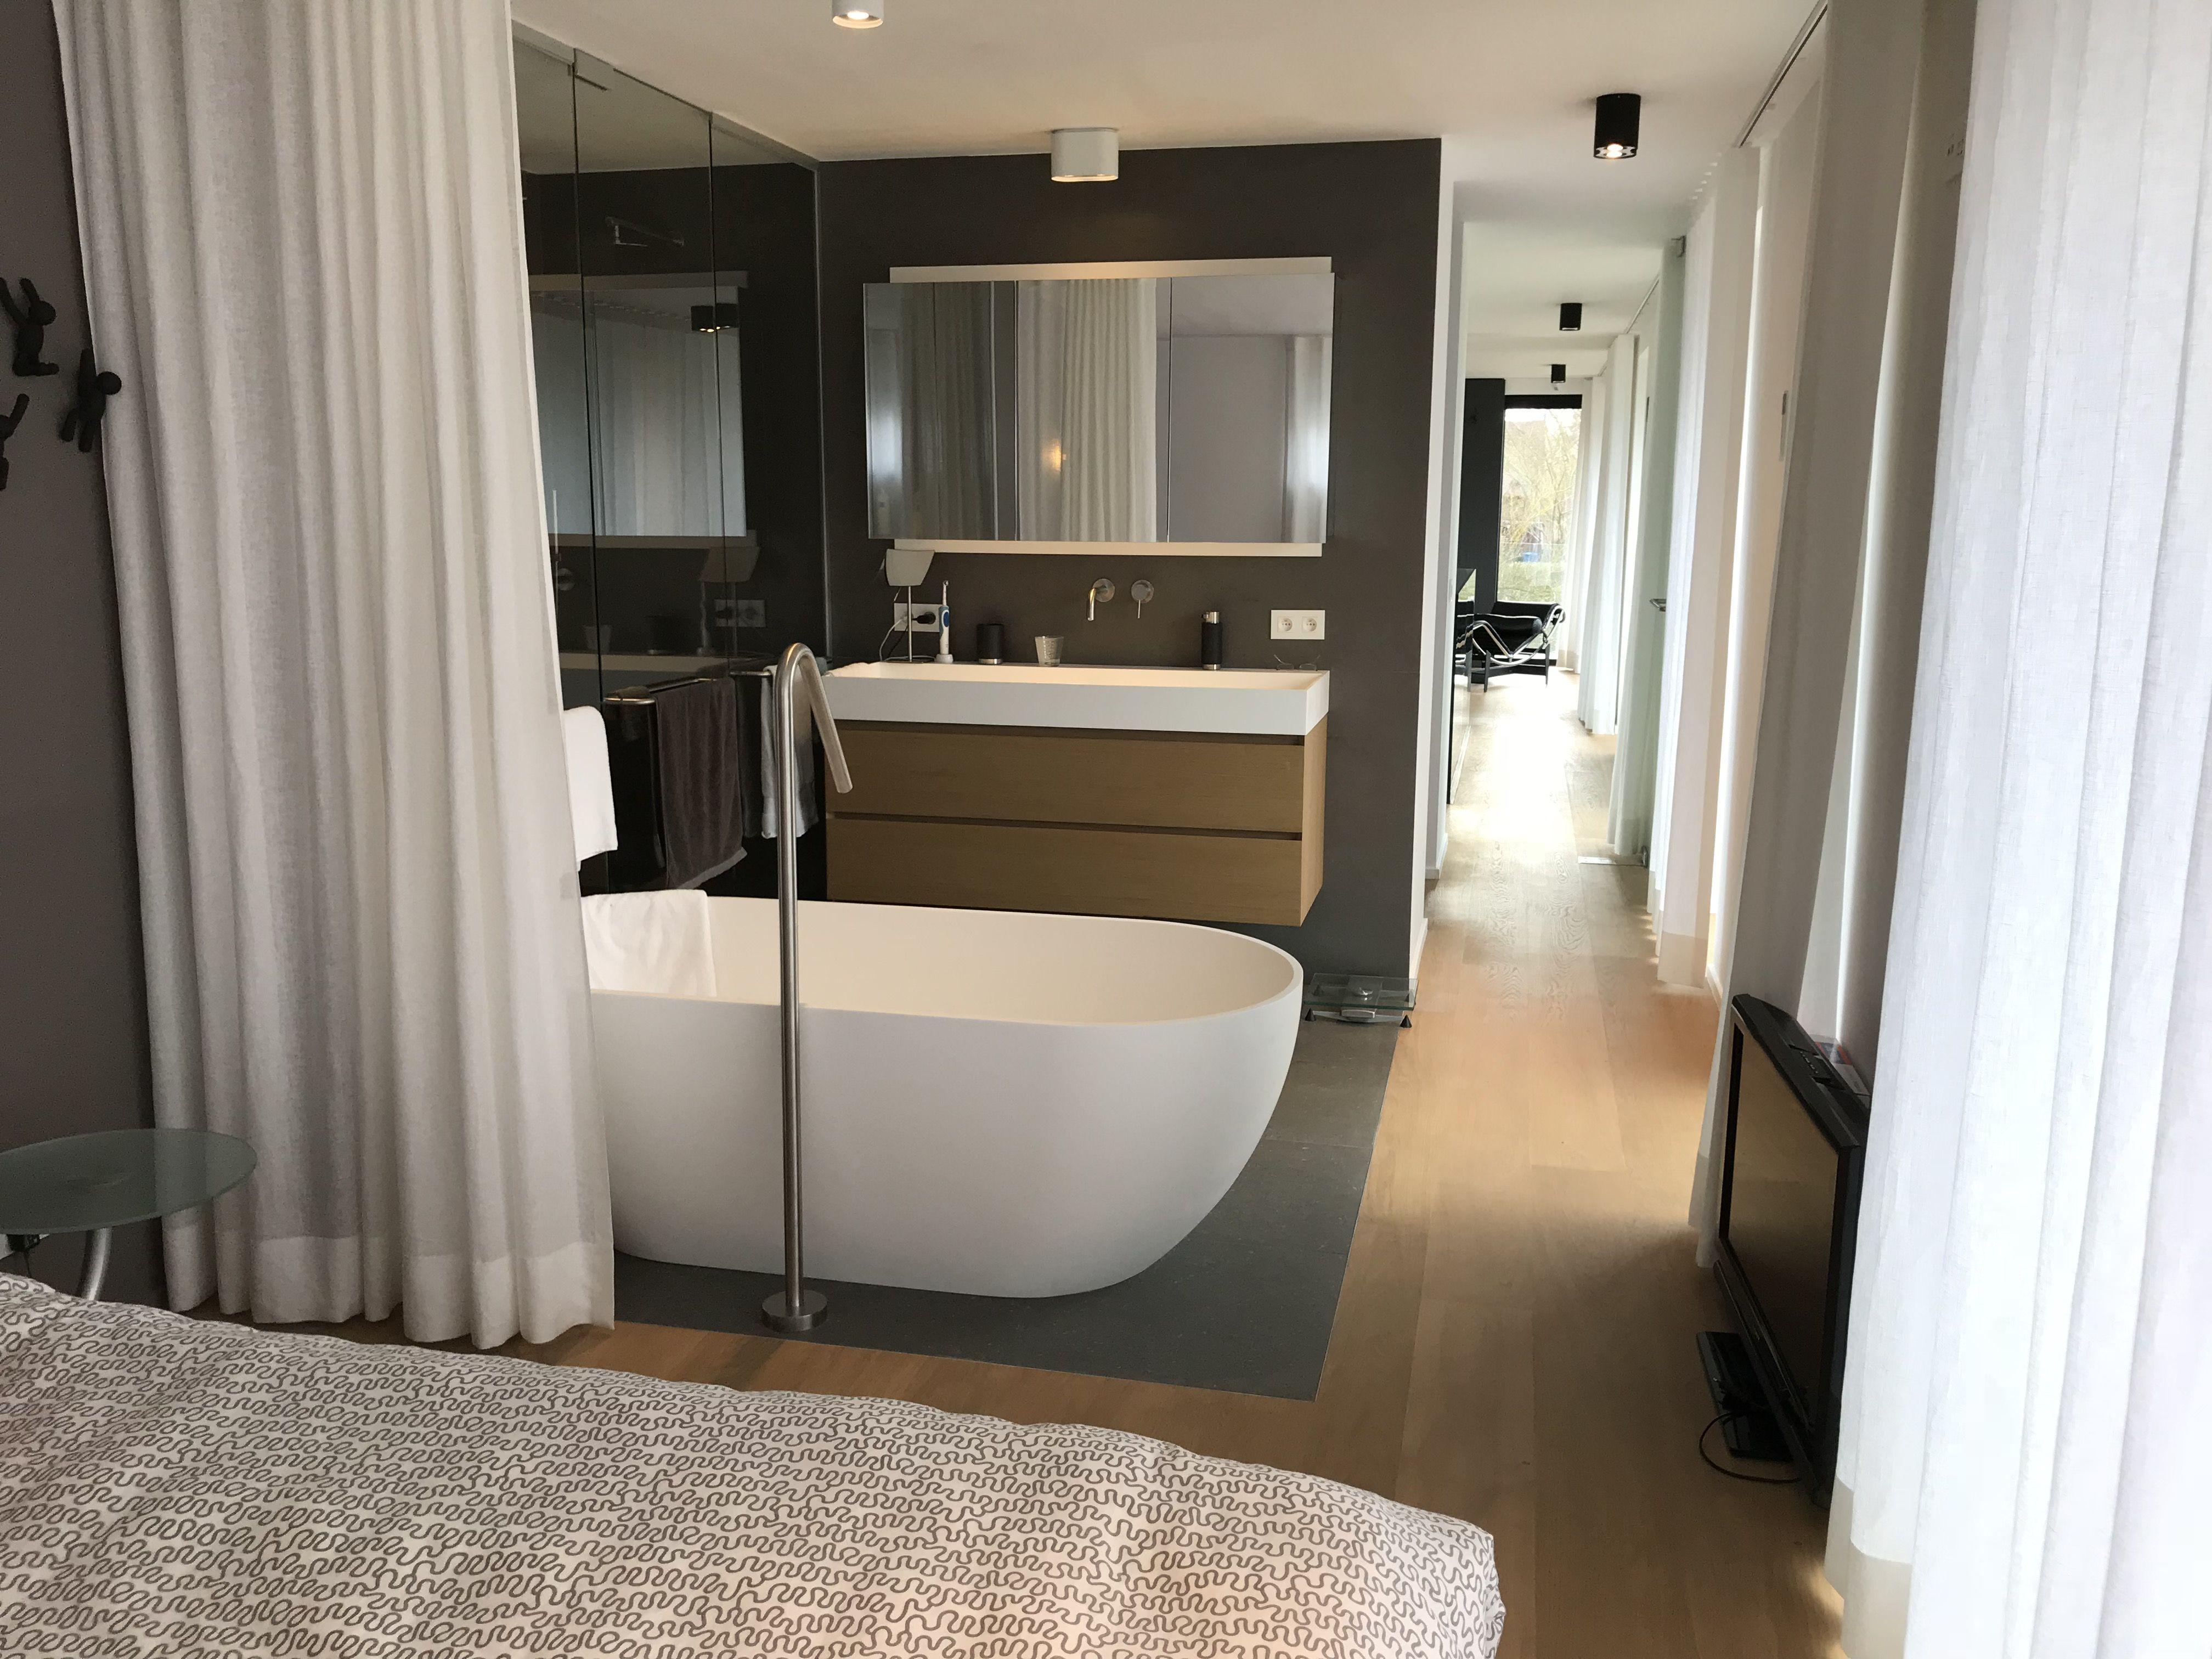 Gordijnen Voor Badkamer : Open badkamer gordijnen in wit linnen verilin douche en wc